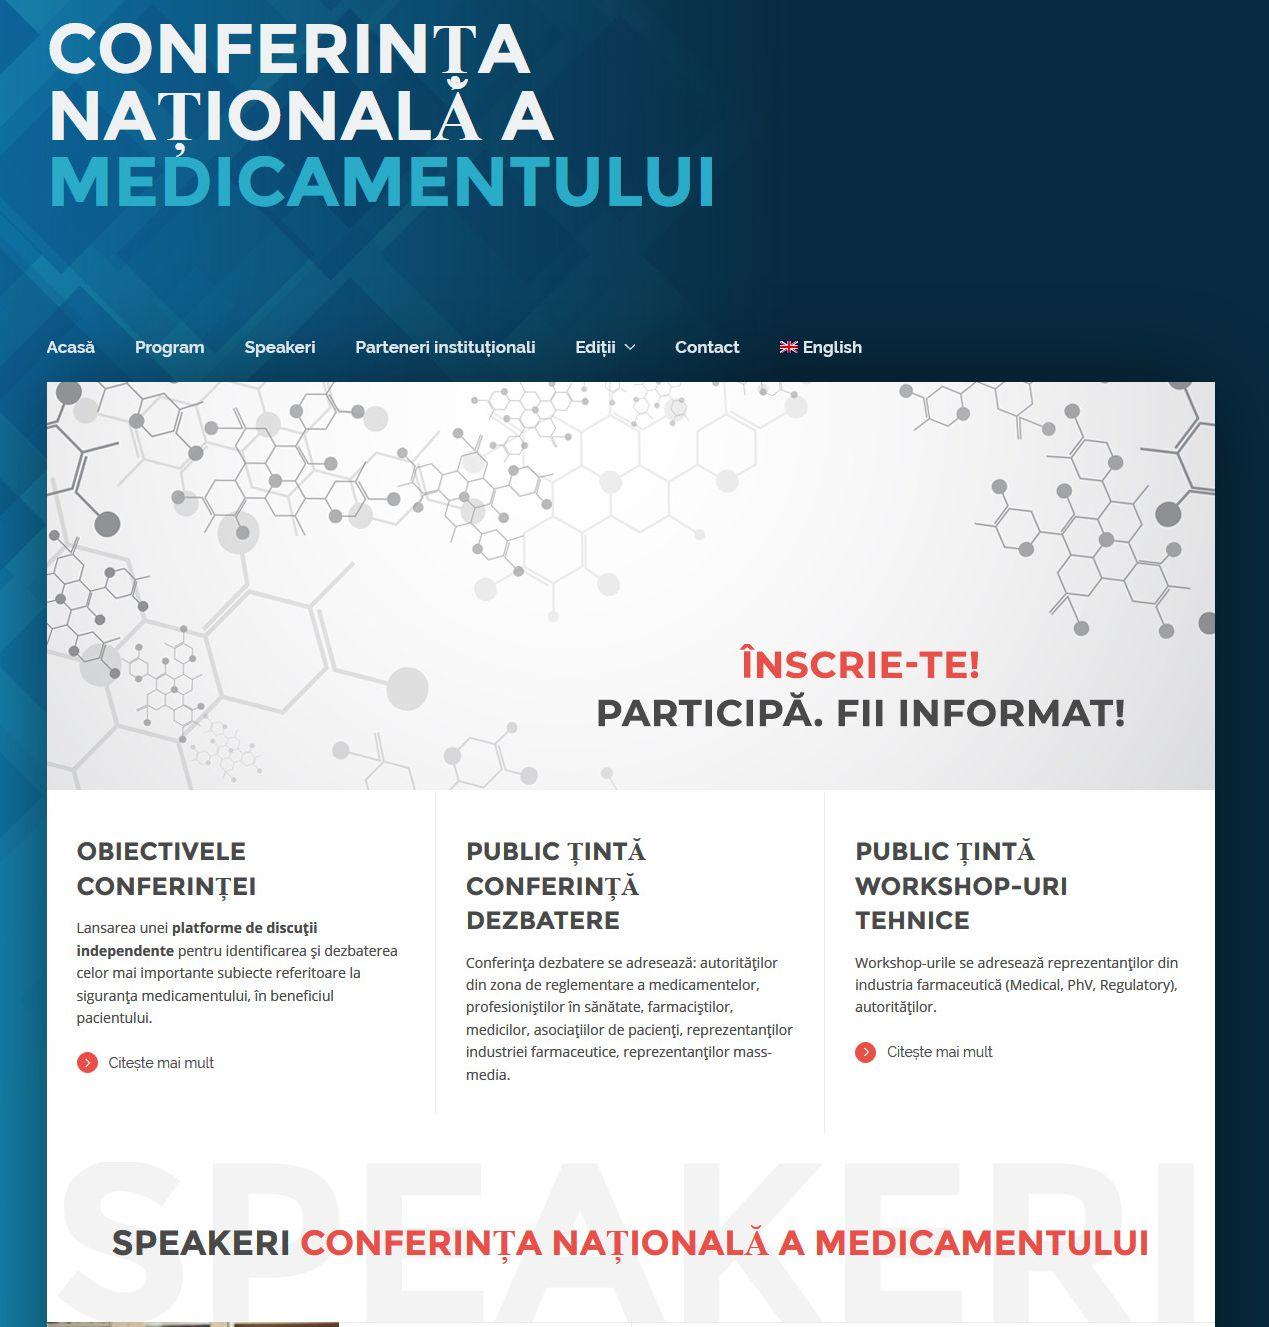 conferinta-nationala-a-medicamentului-2018-1